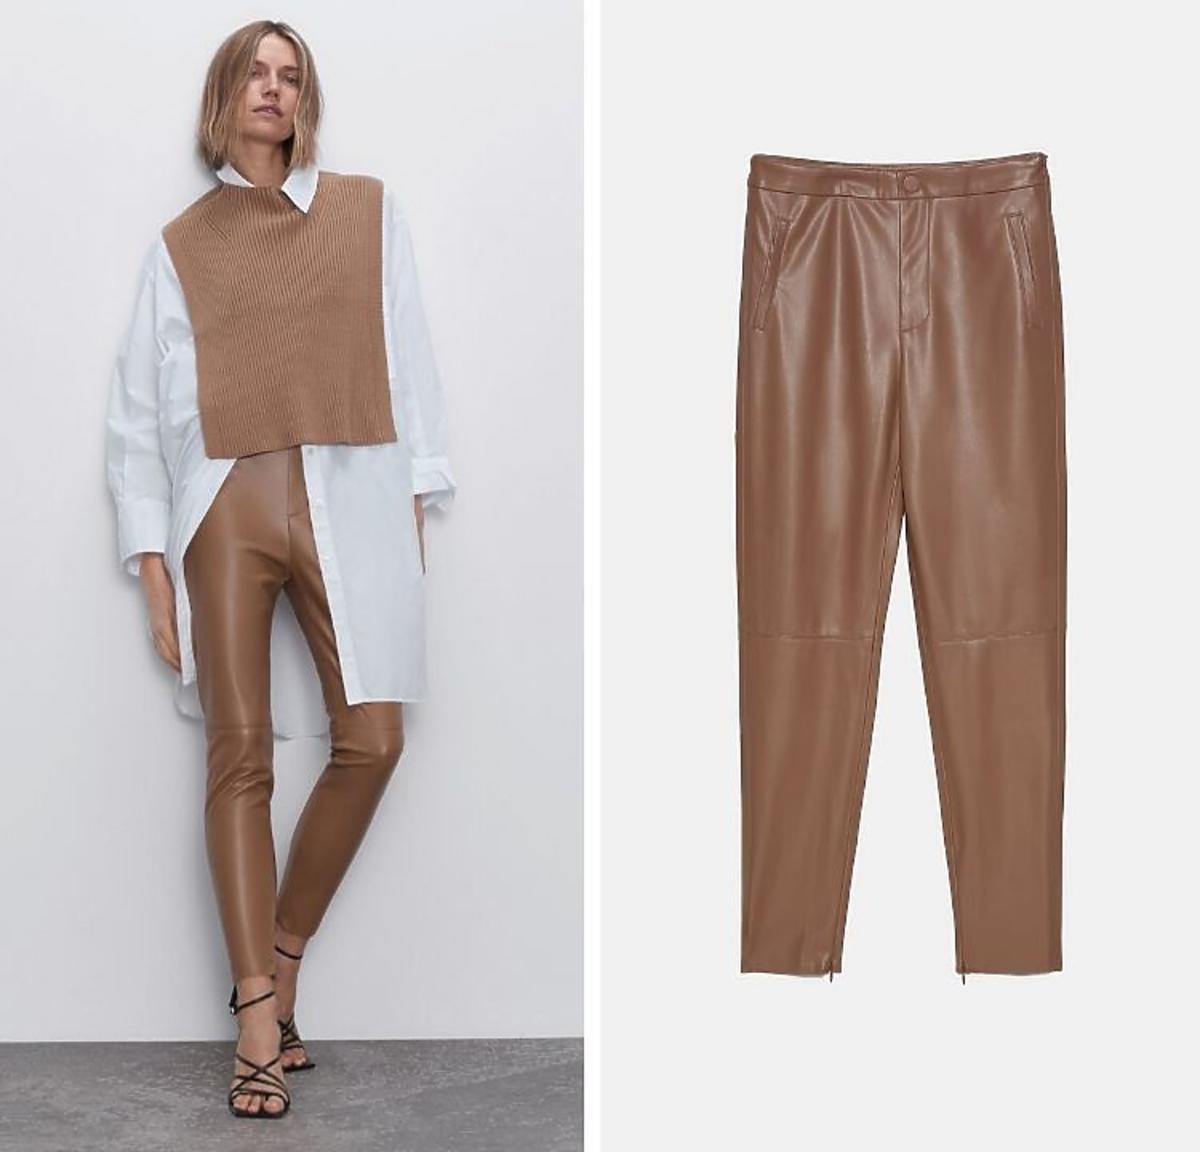 Spodnie z eko skóry beżowe wyprzedaż Zara